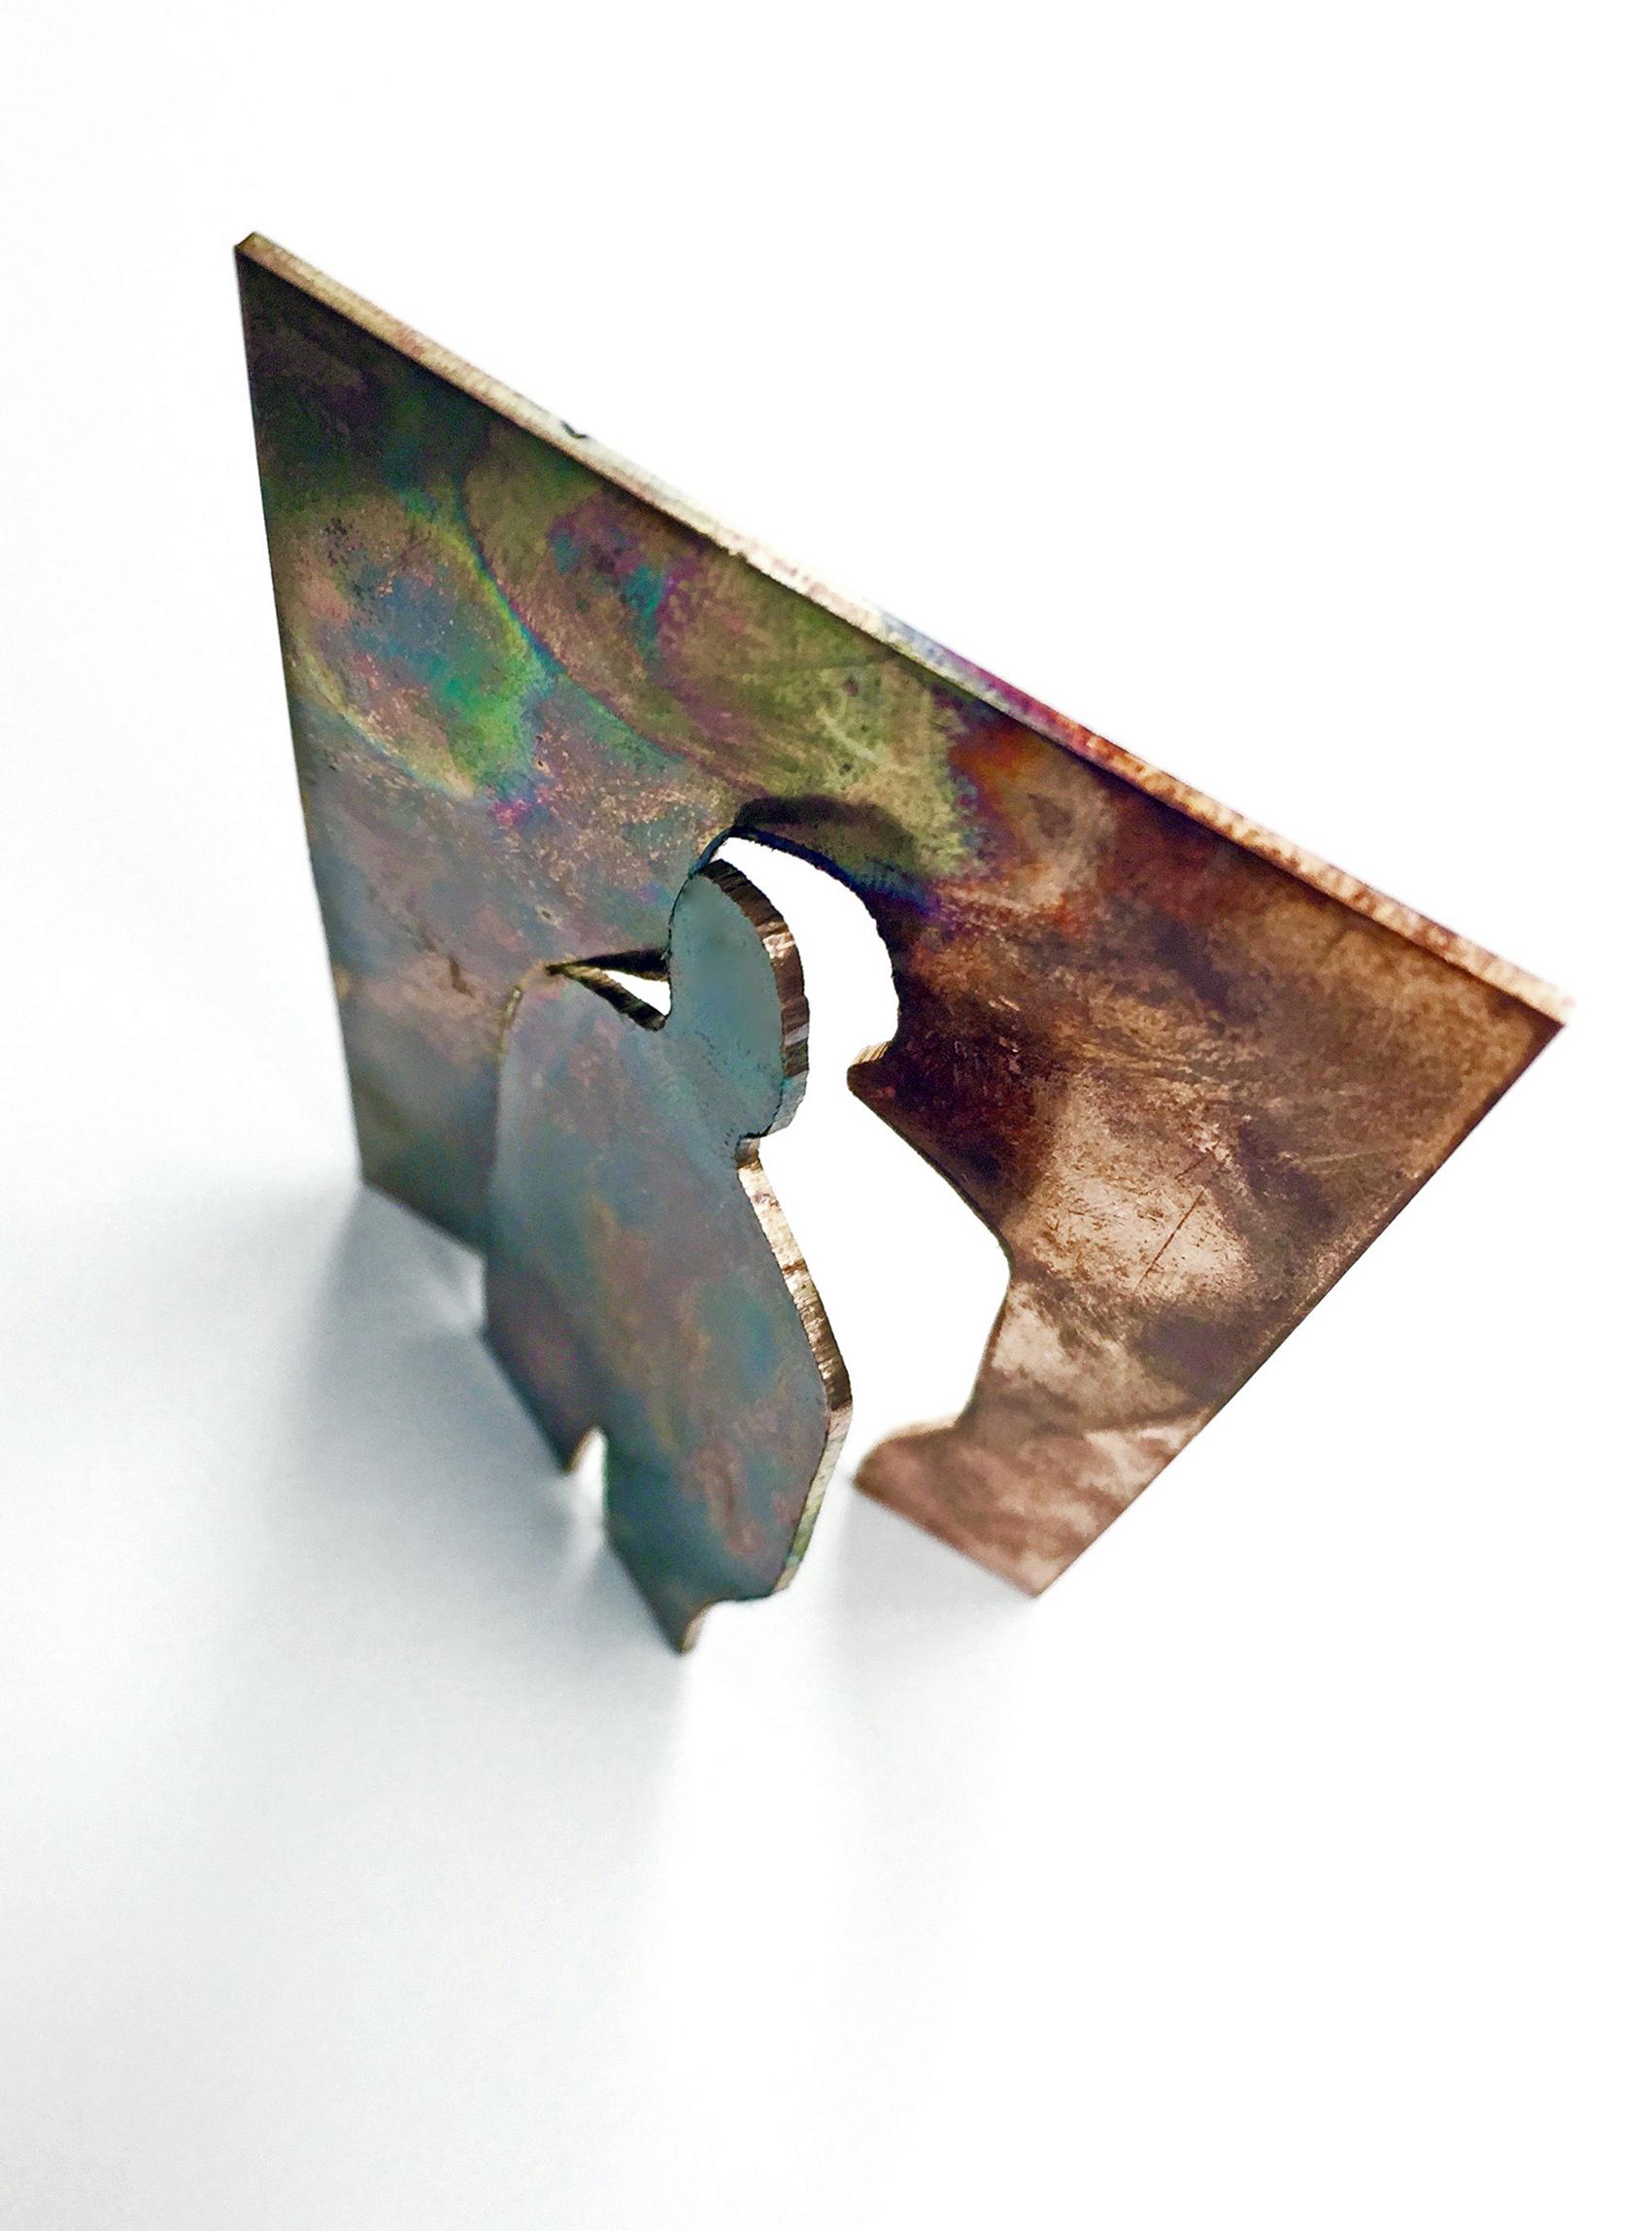 Sculpture (2016): Copper, Enamel